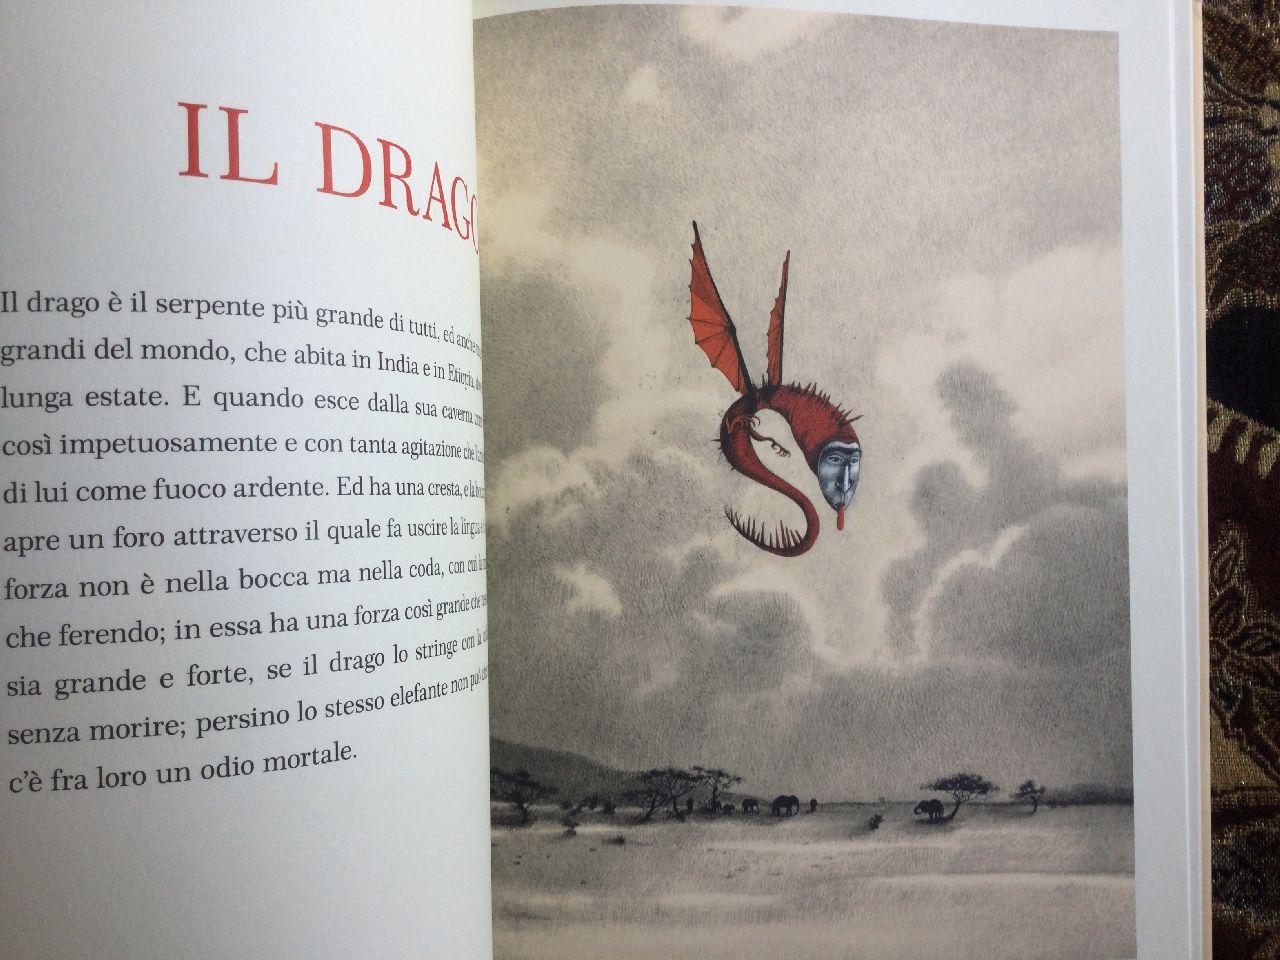 Brunetto Latini - Rébecca Dautremer, Tresor. Un bestiario medievale, Rizzoli